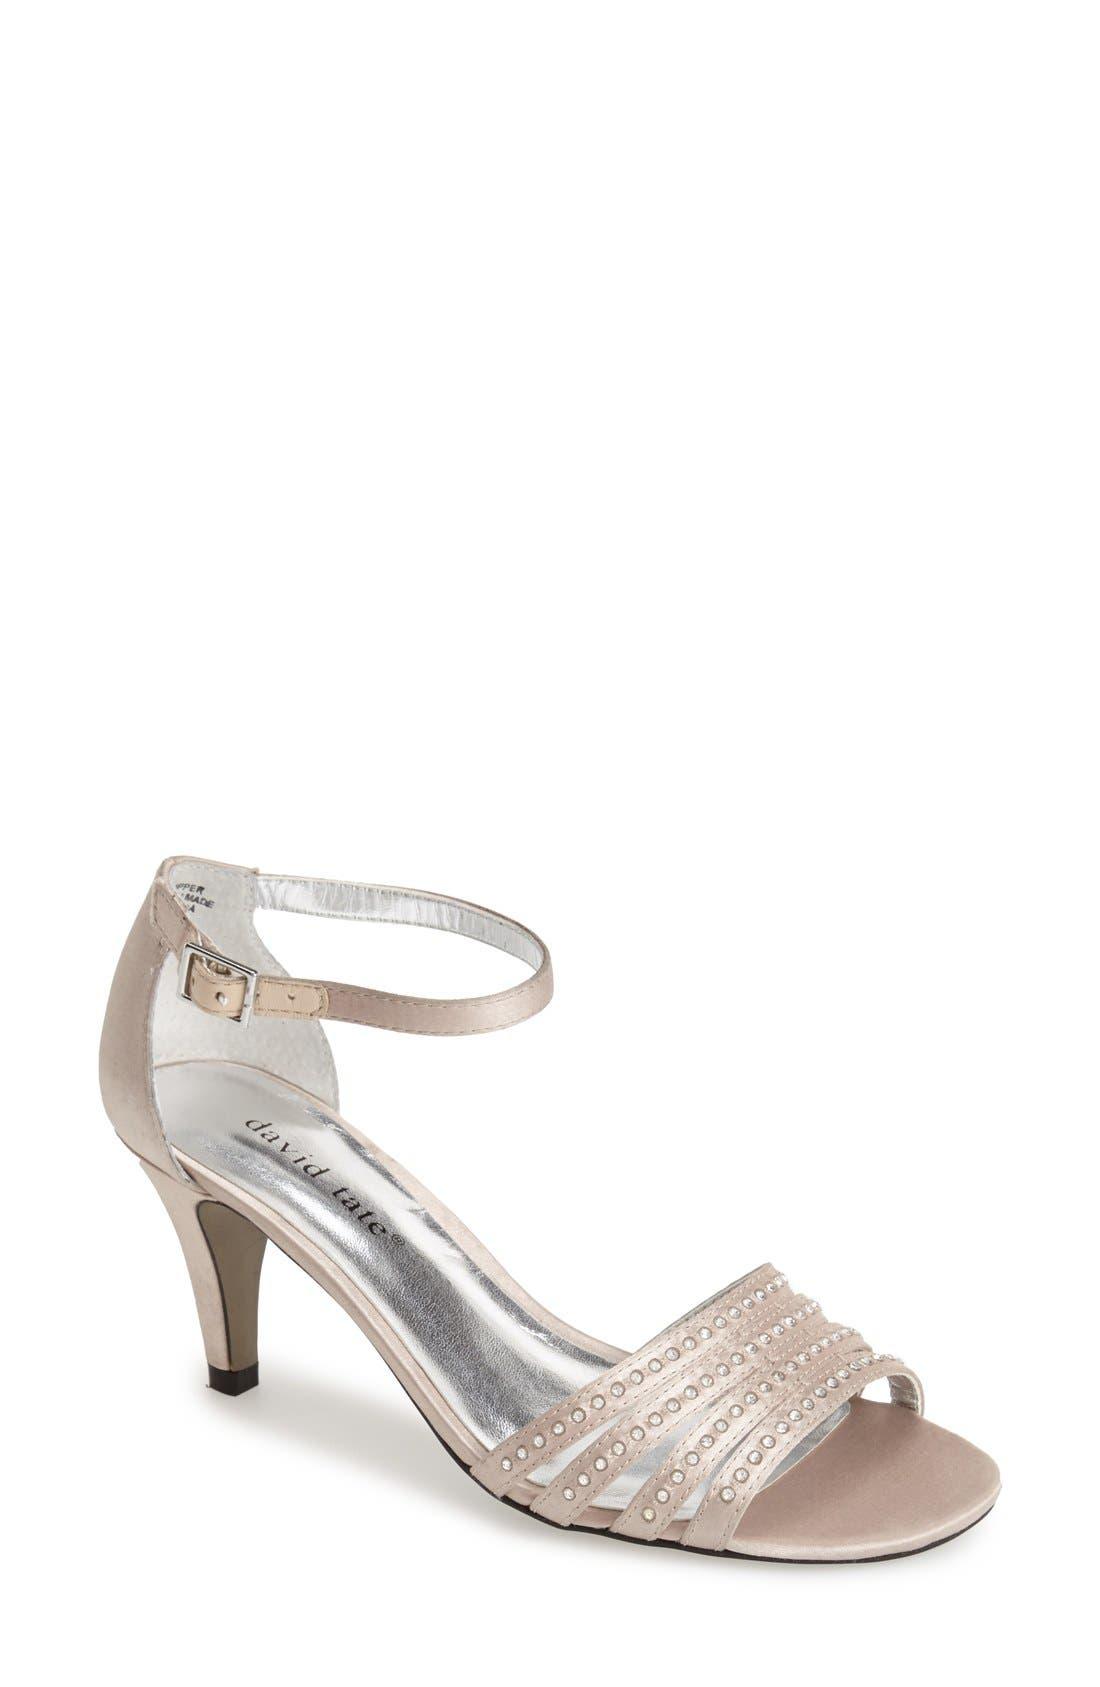 9b0c35100a3 Women s David Tate Wide Shoes